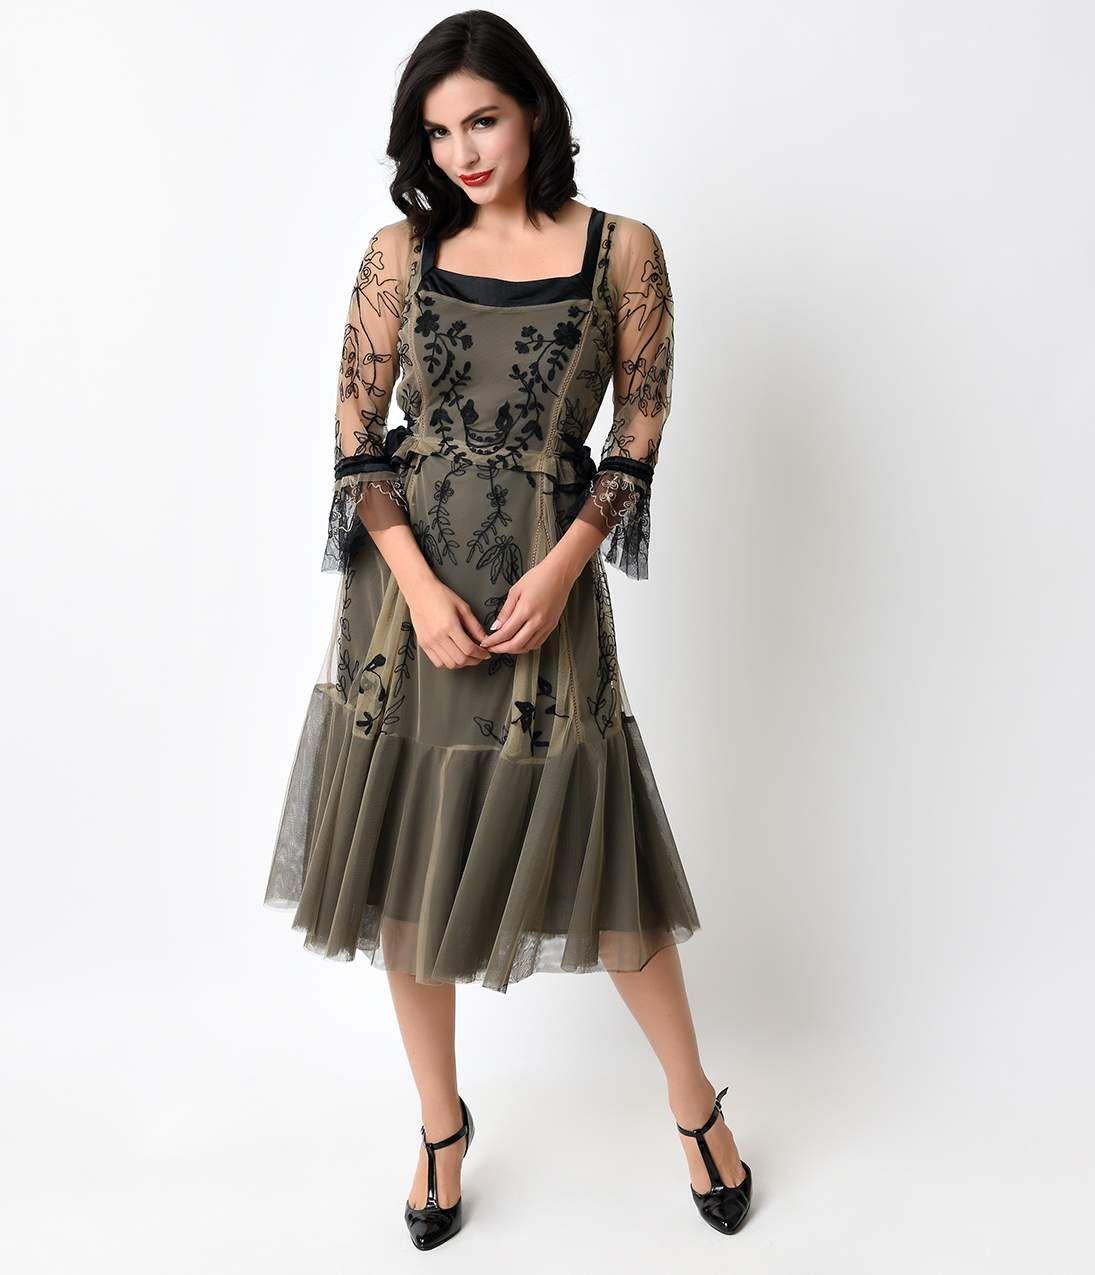 Charmant Große Gatsby Stil Prom Kleider Fotos - Brautkleider Ideen ...